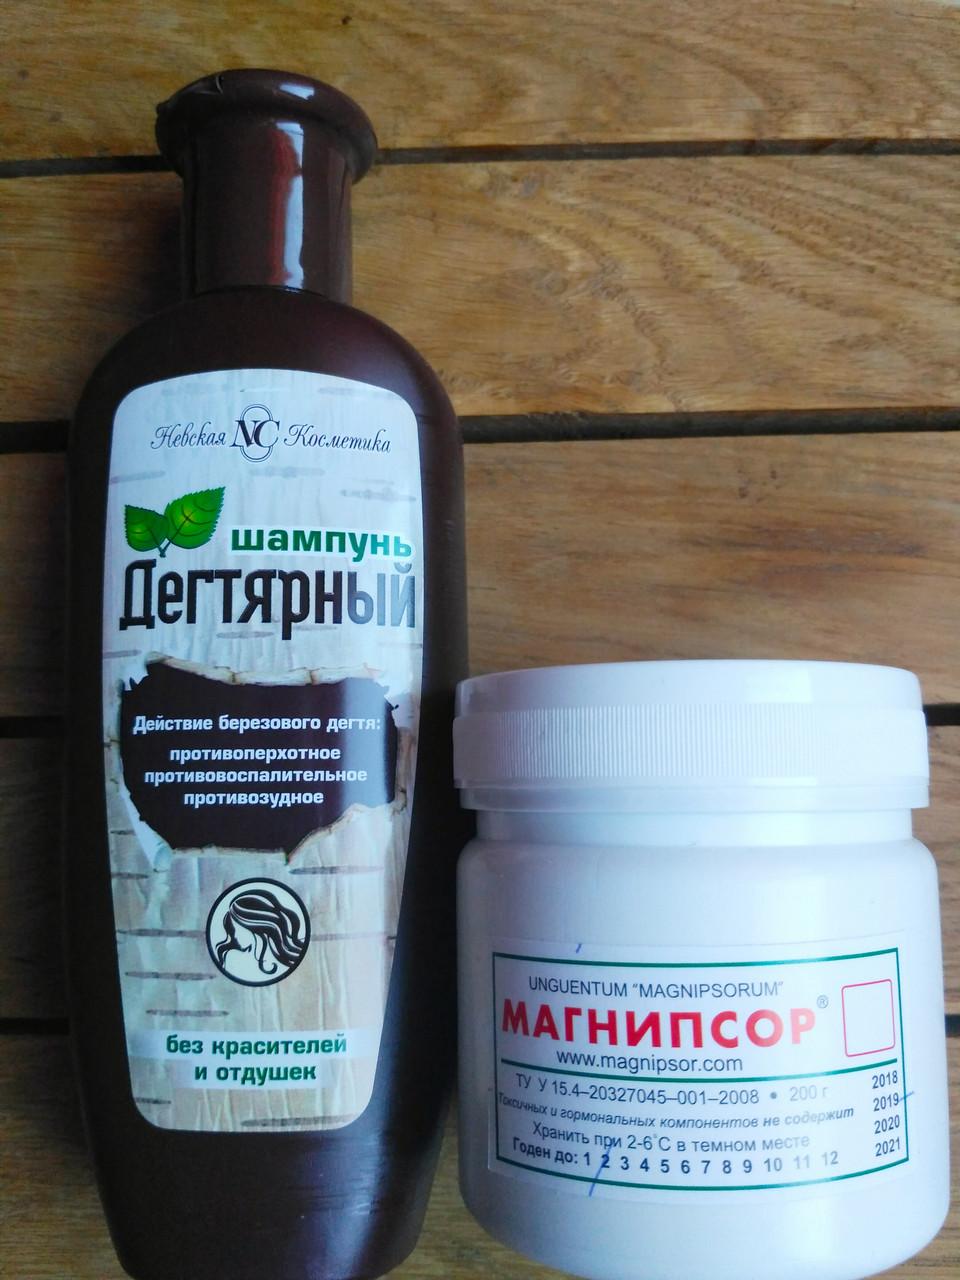 Магнипсор мазь  (200 гр) и шампунь Дегтярный Невская косметика (250 мл) Набор.